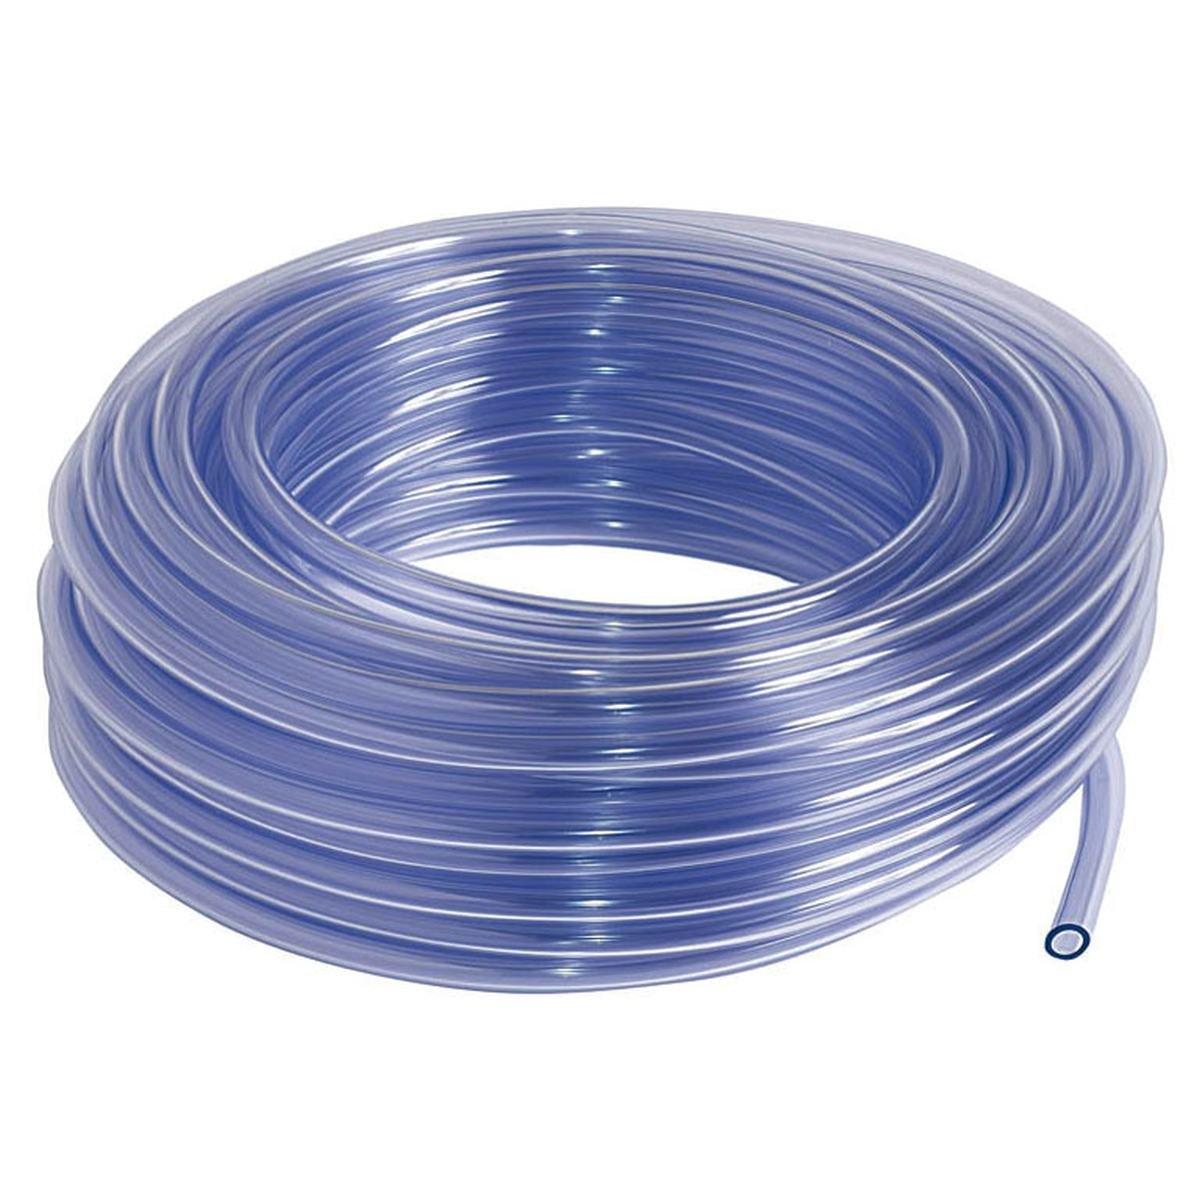 PVC slange 6 mm indvendig diameter - pr. meter